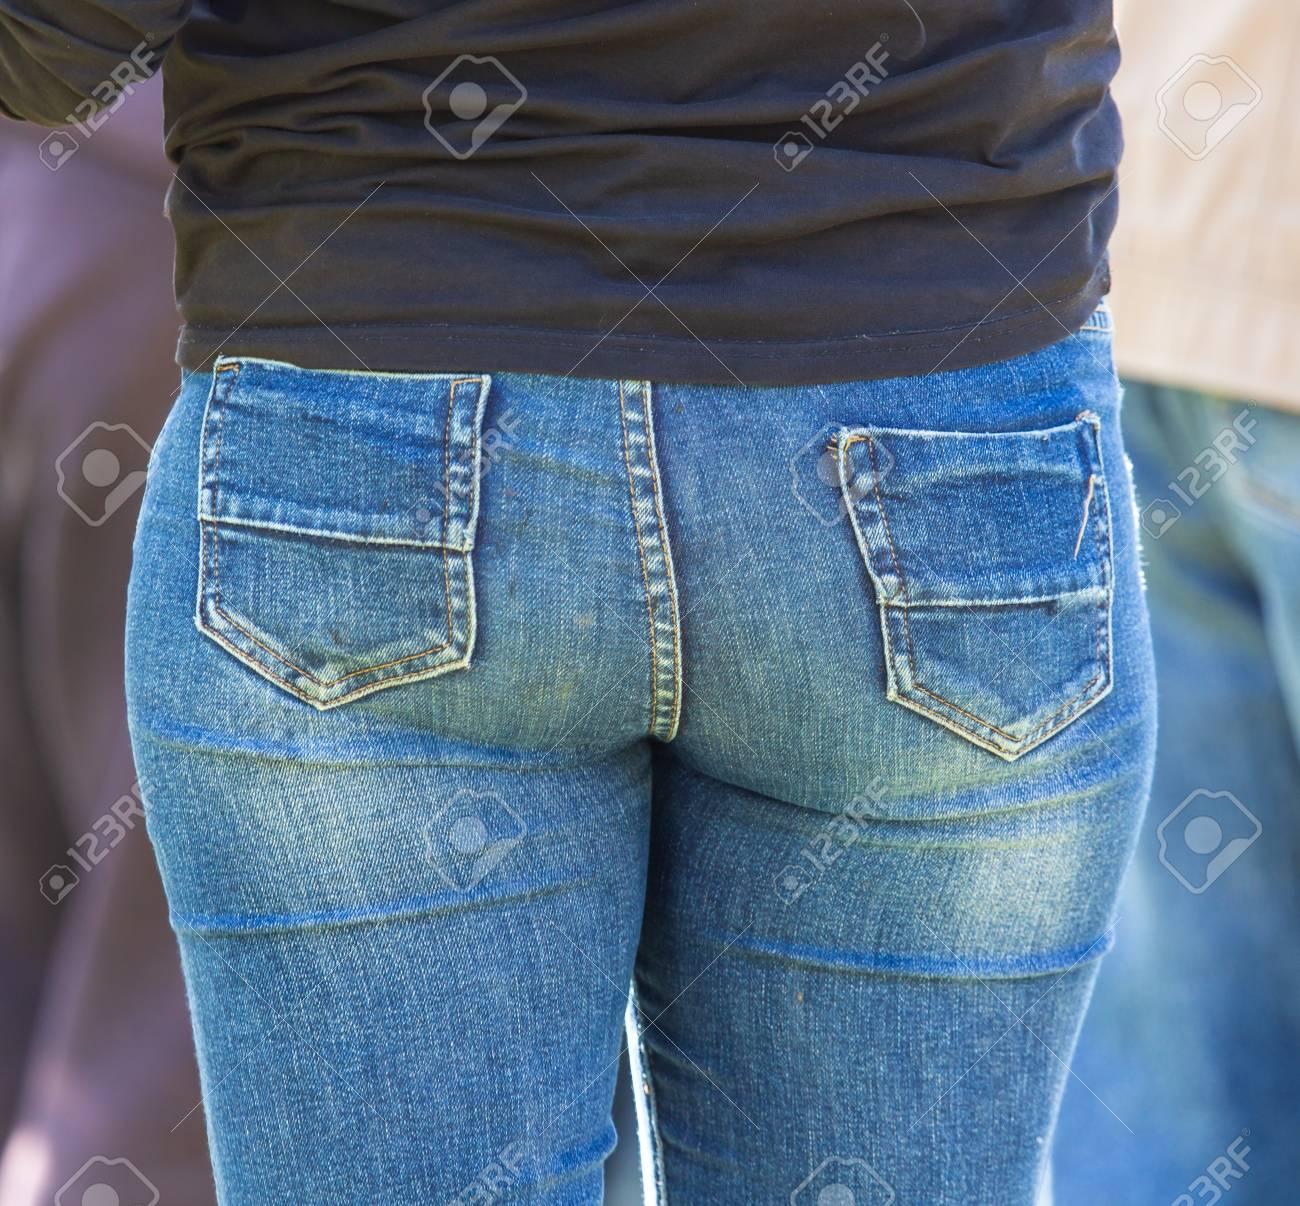 In geiler jeans arsch Free Arsch